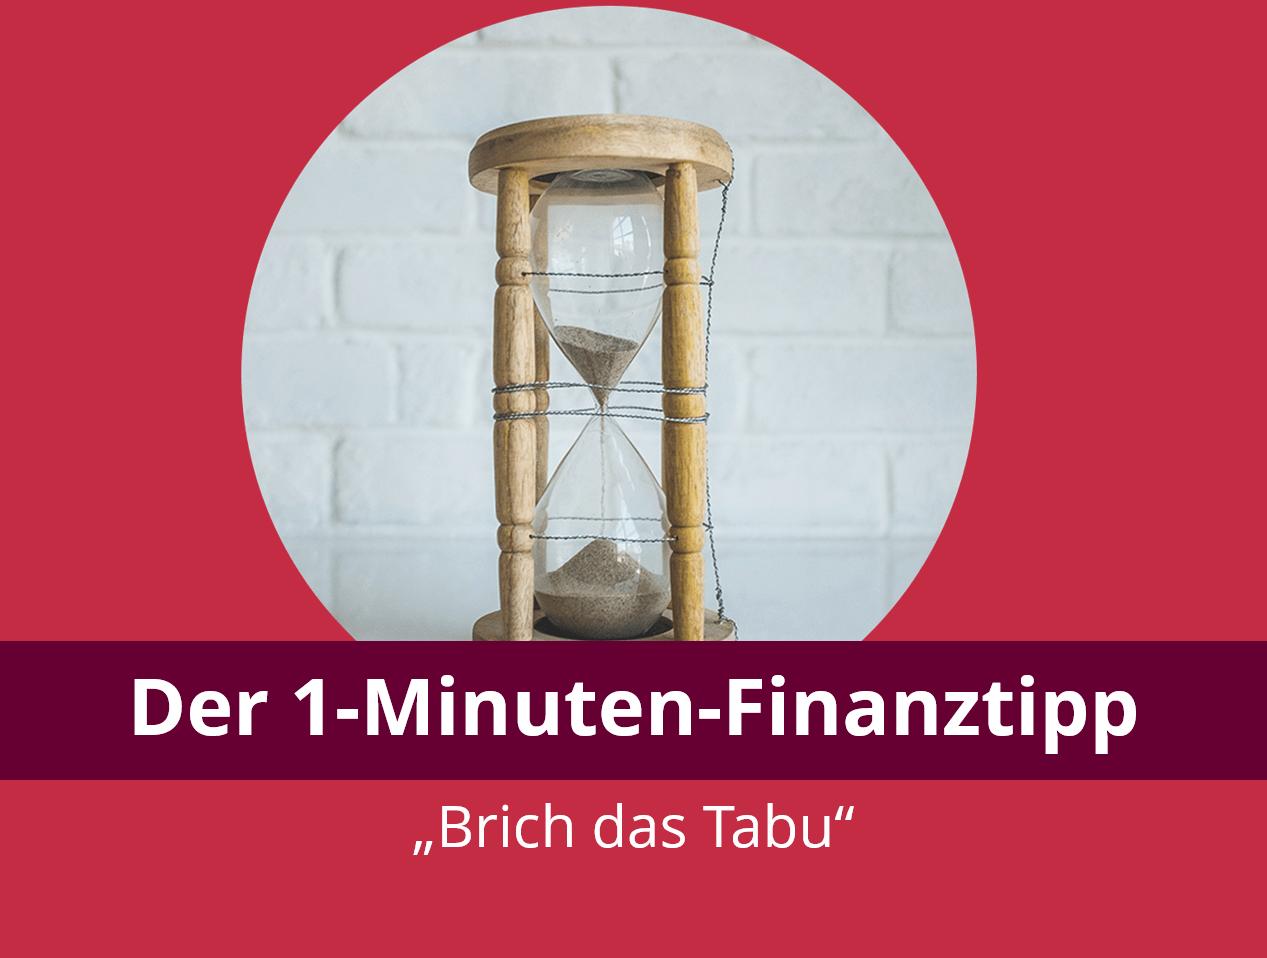 Der 1-Minuten-Finanztipp: Brich das Tabu!